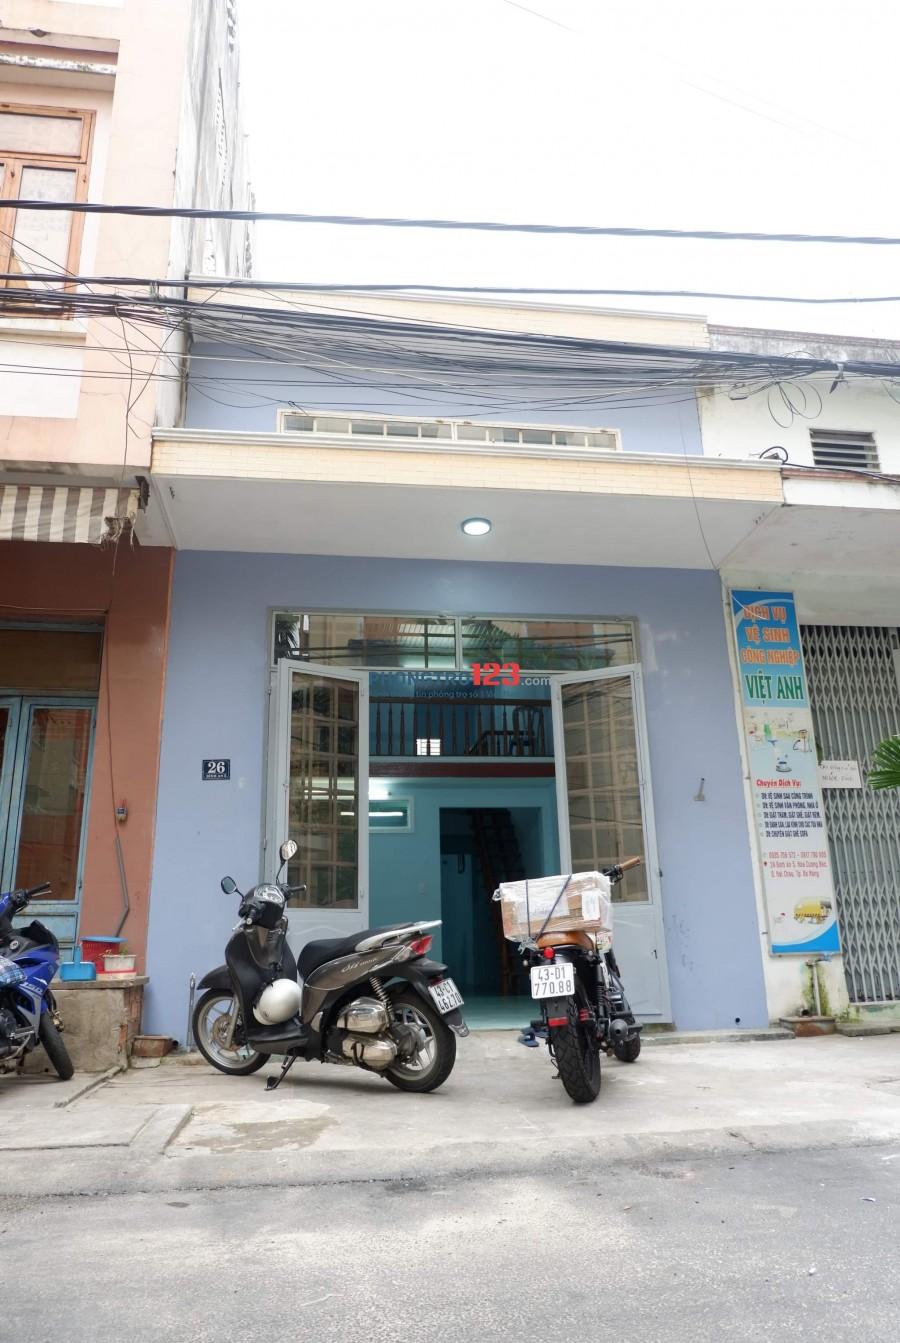 Chính chủ cho thuê nhà nguyên căn mặt tiền thích hợp ở + kinh doanh khu vực Hải Châu